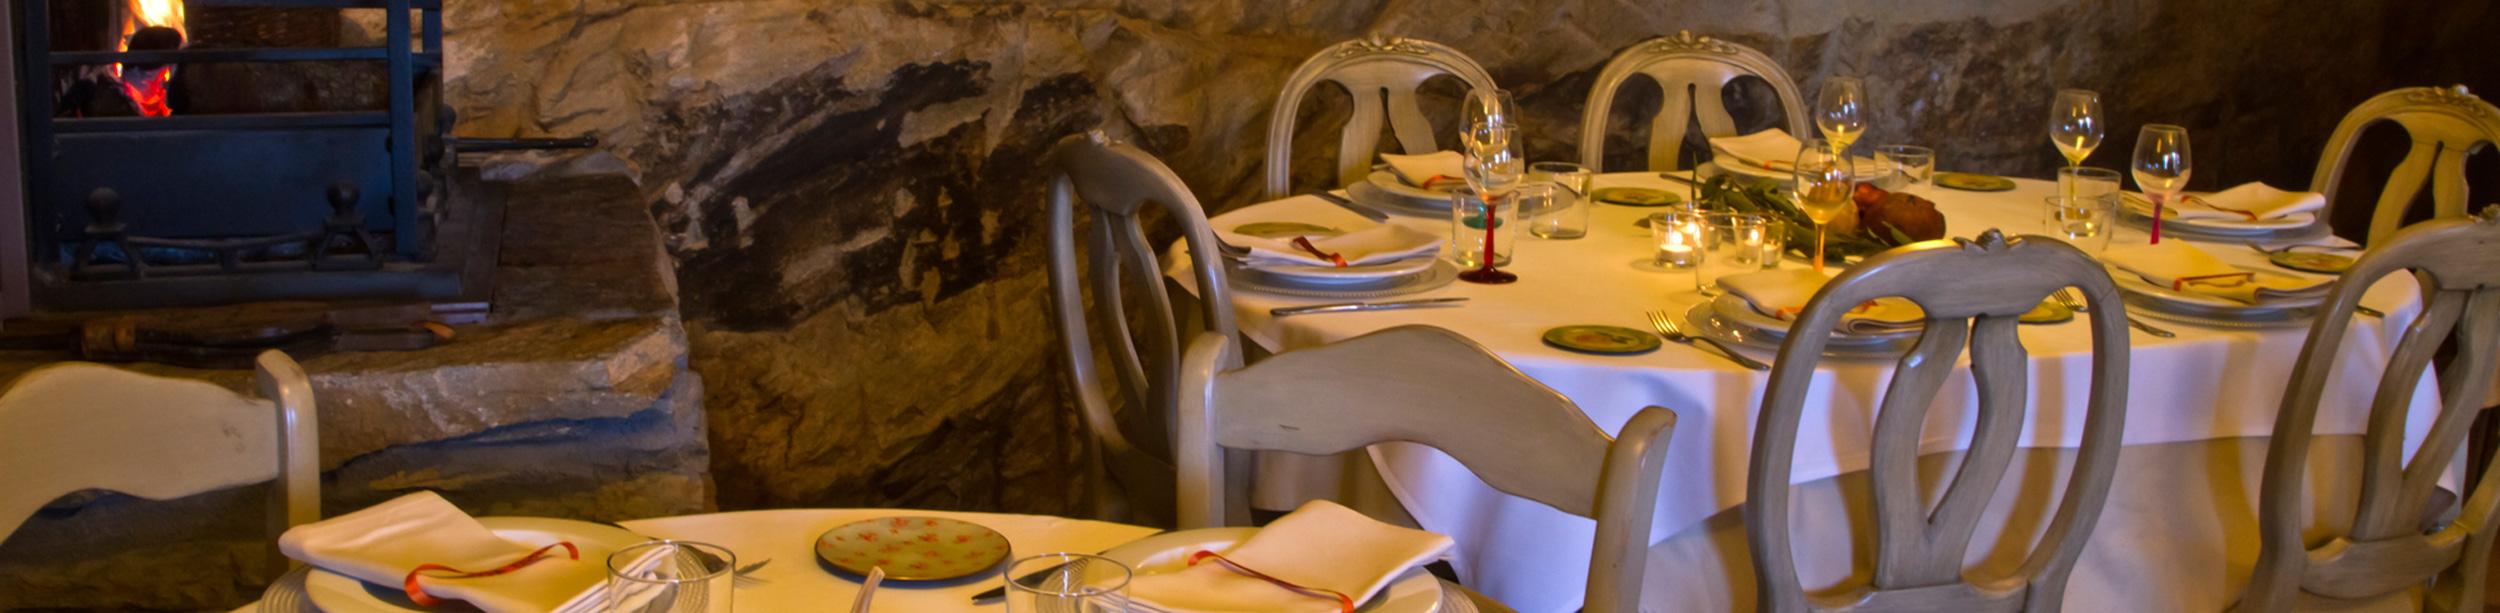 Las imágenes del restaurante.